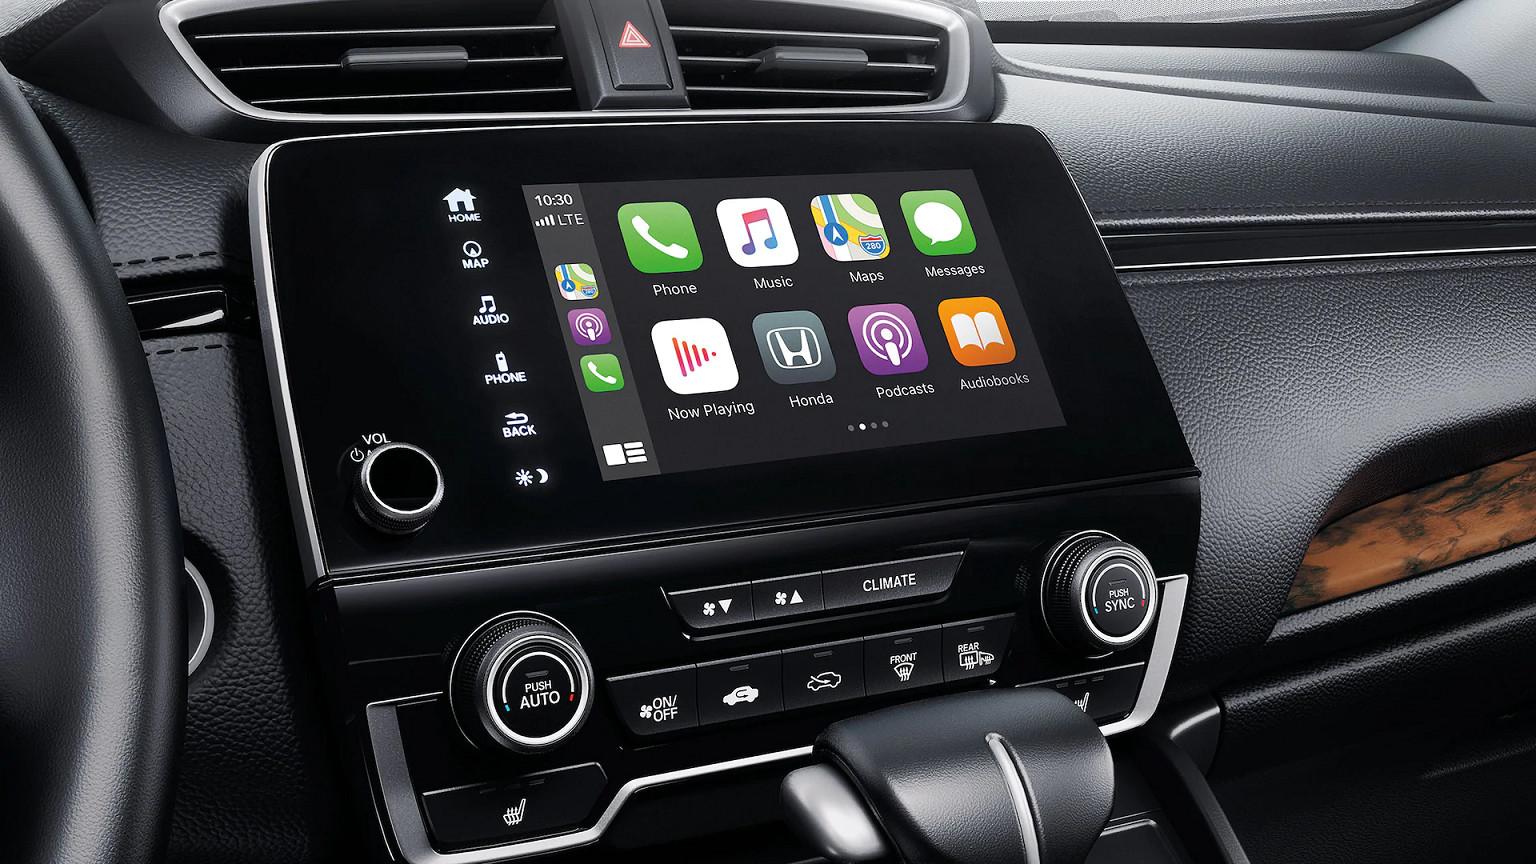 2020 CR-V With Apple CarPlay®